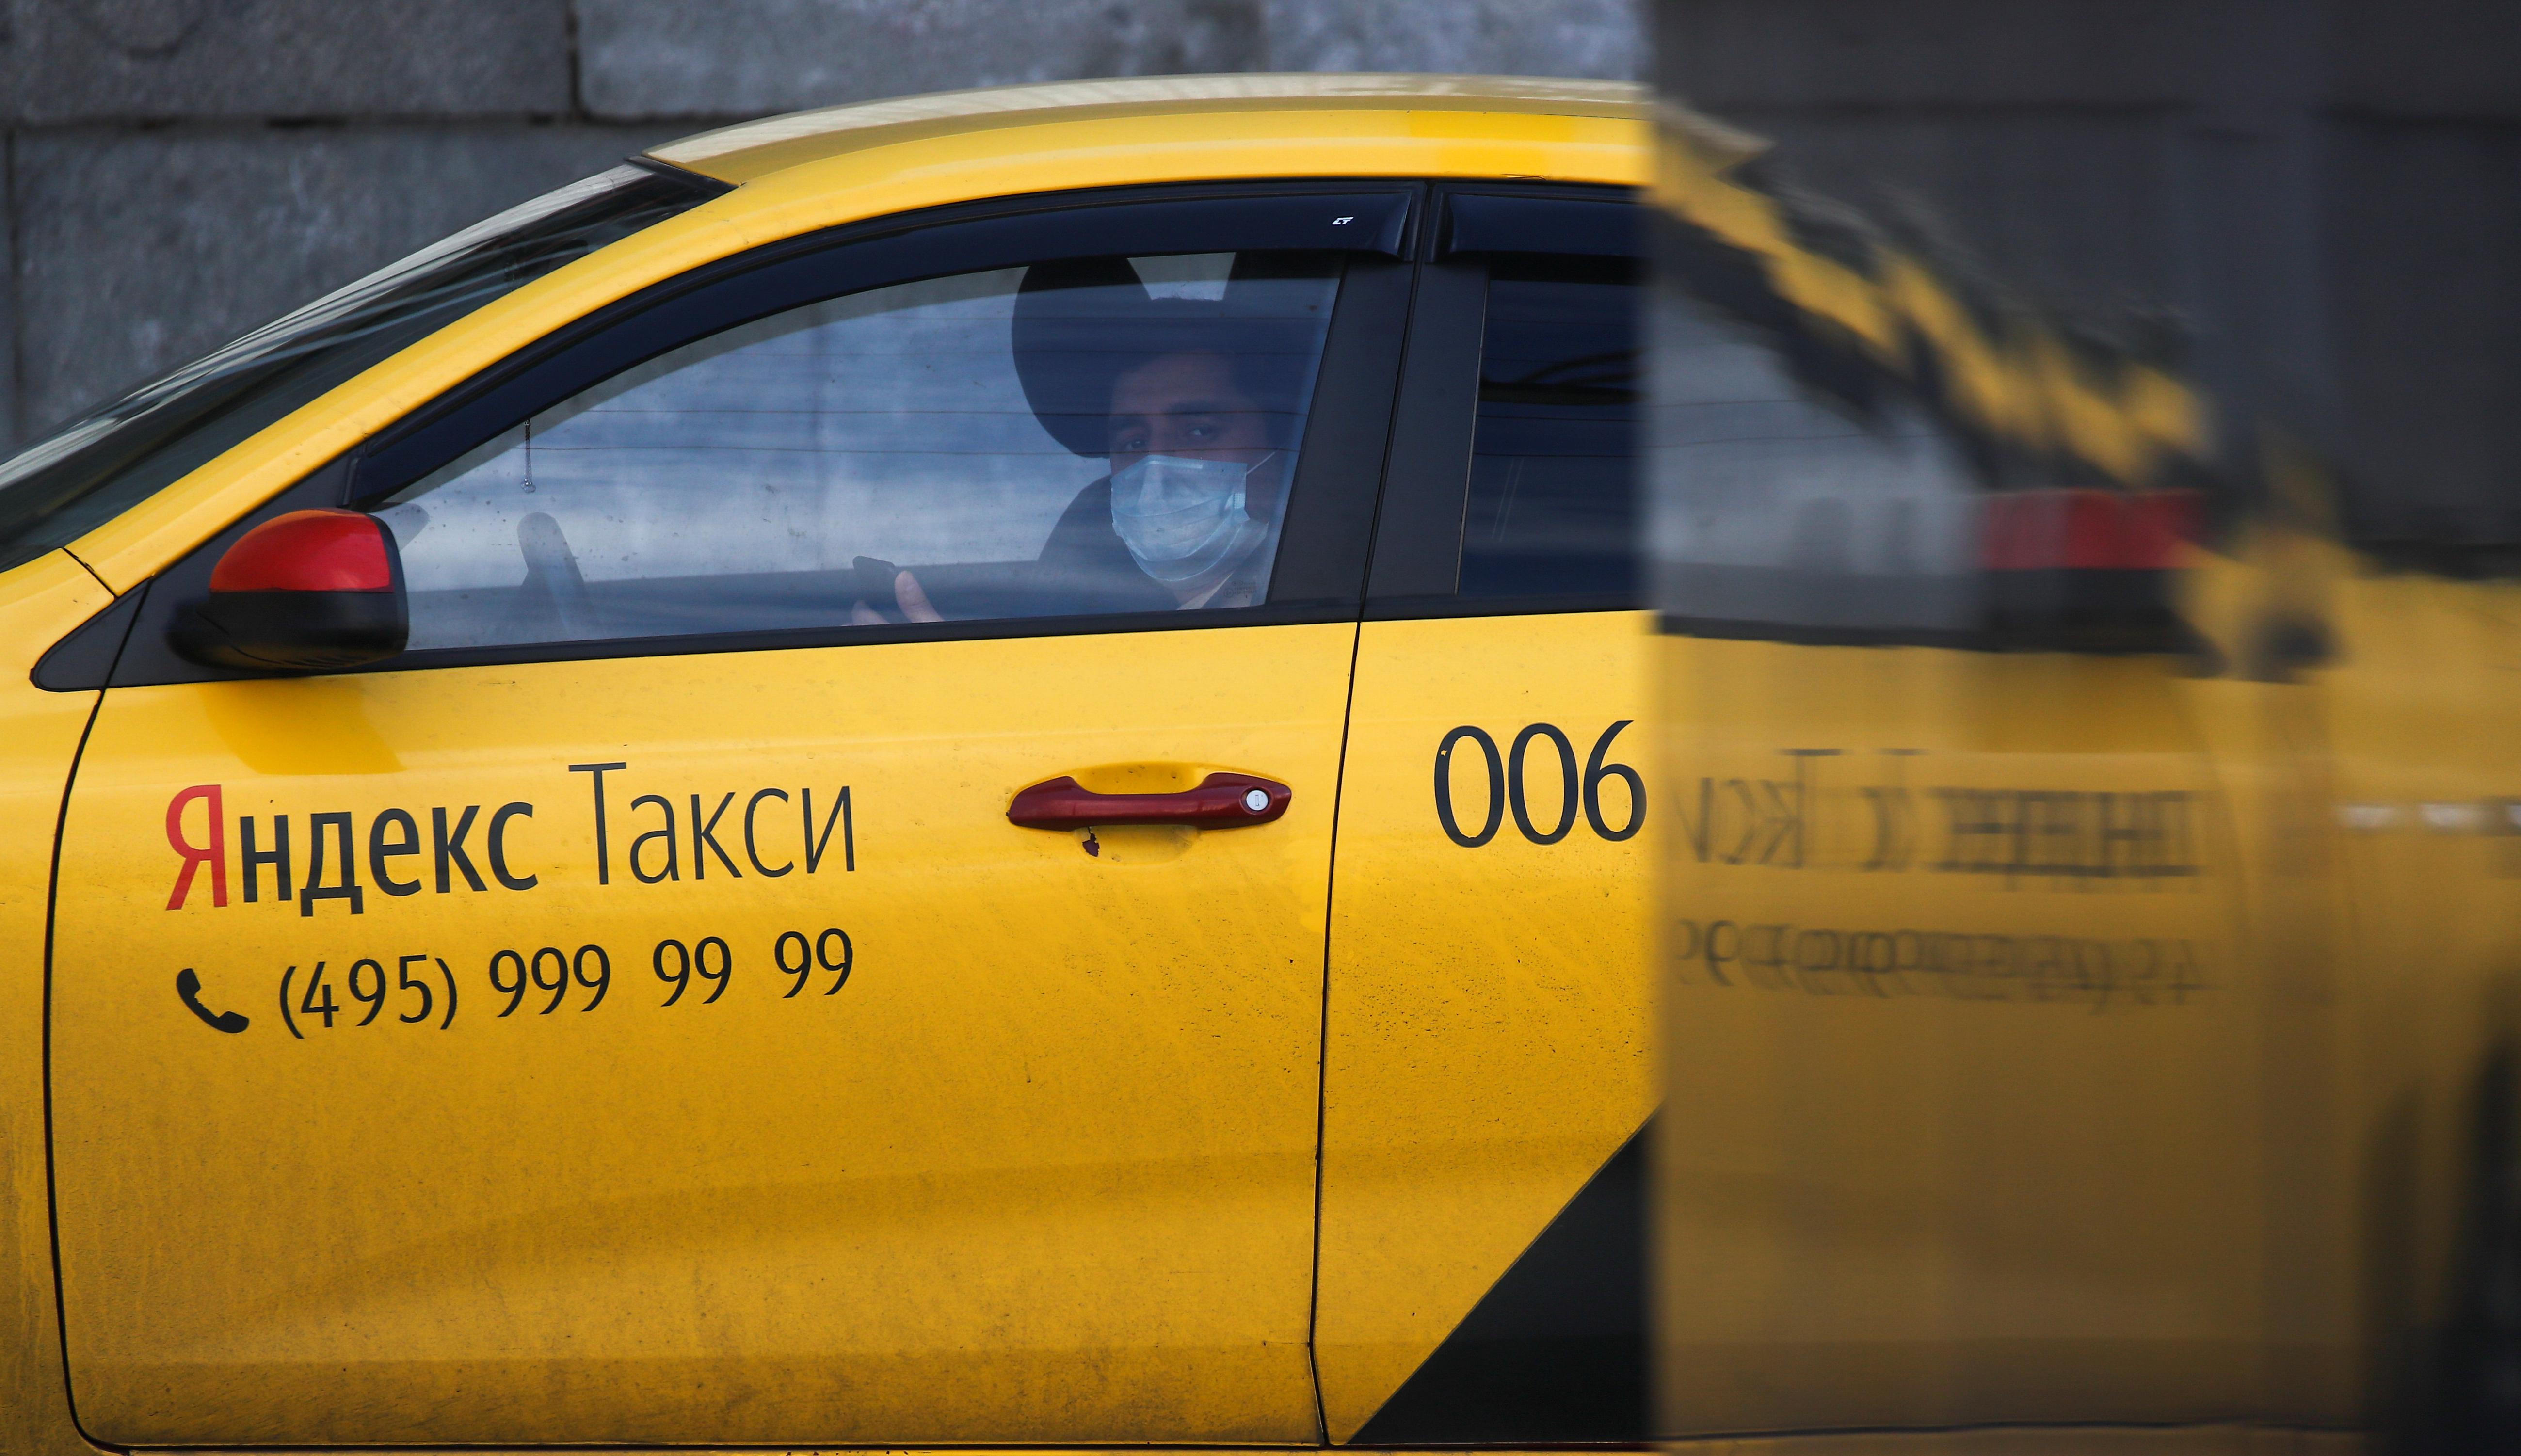 Свердловские таксисты взбунтовались после введения новых антиковидных мер